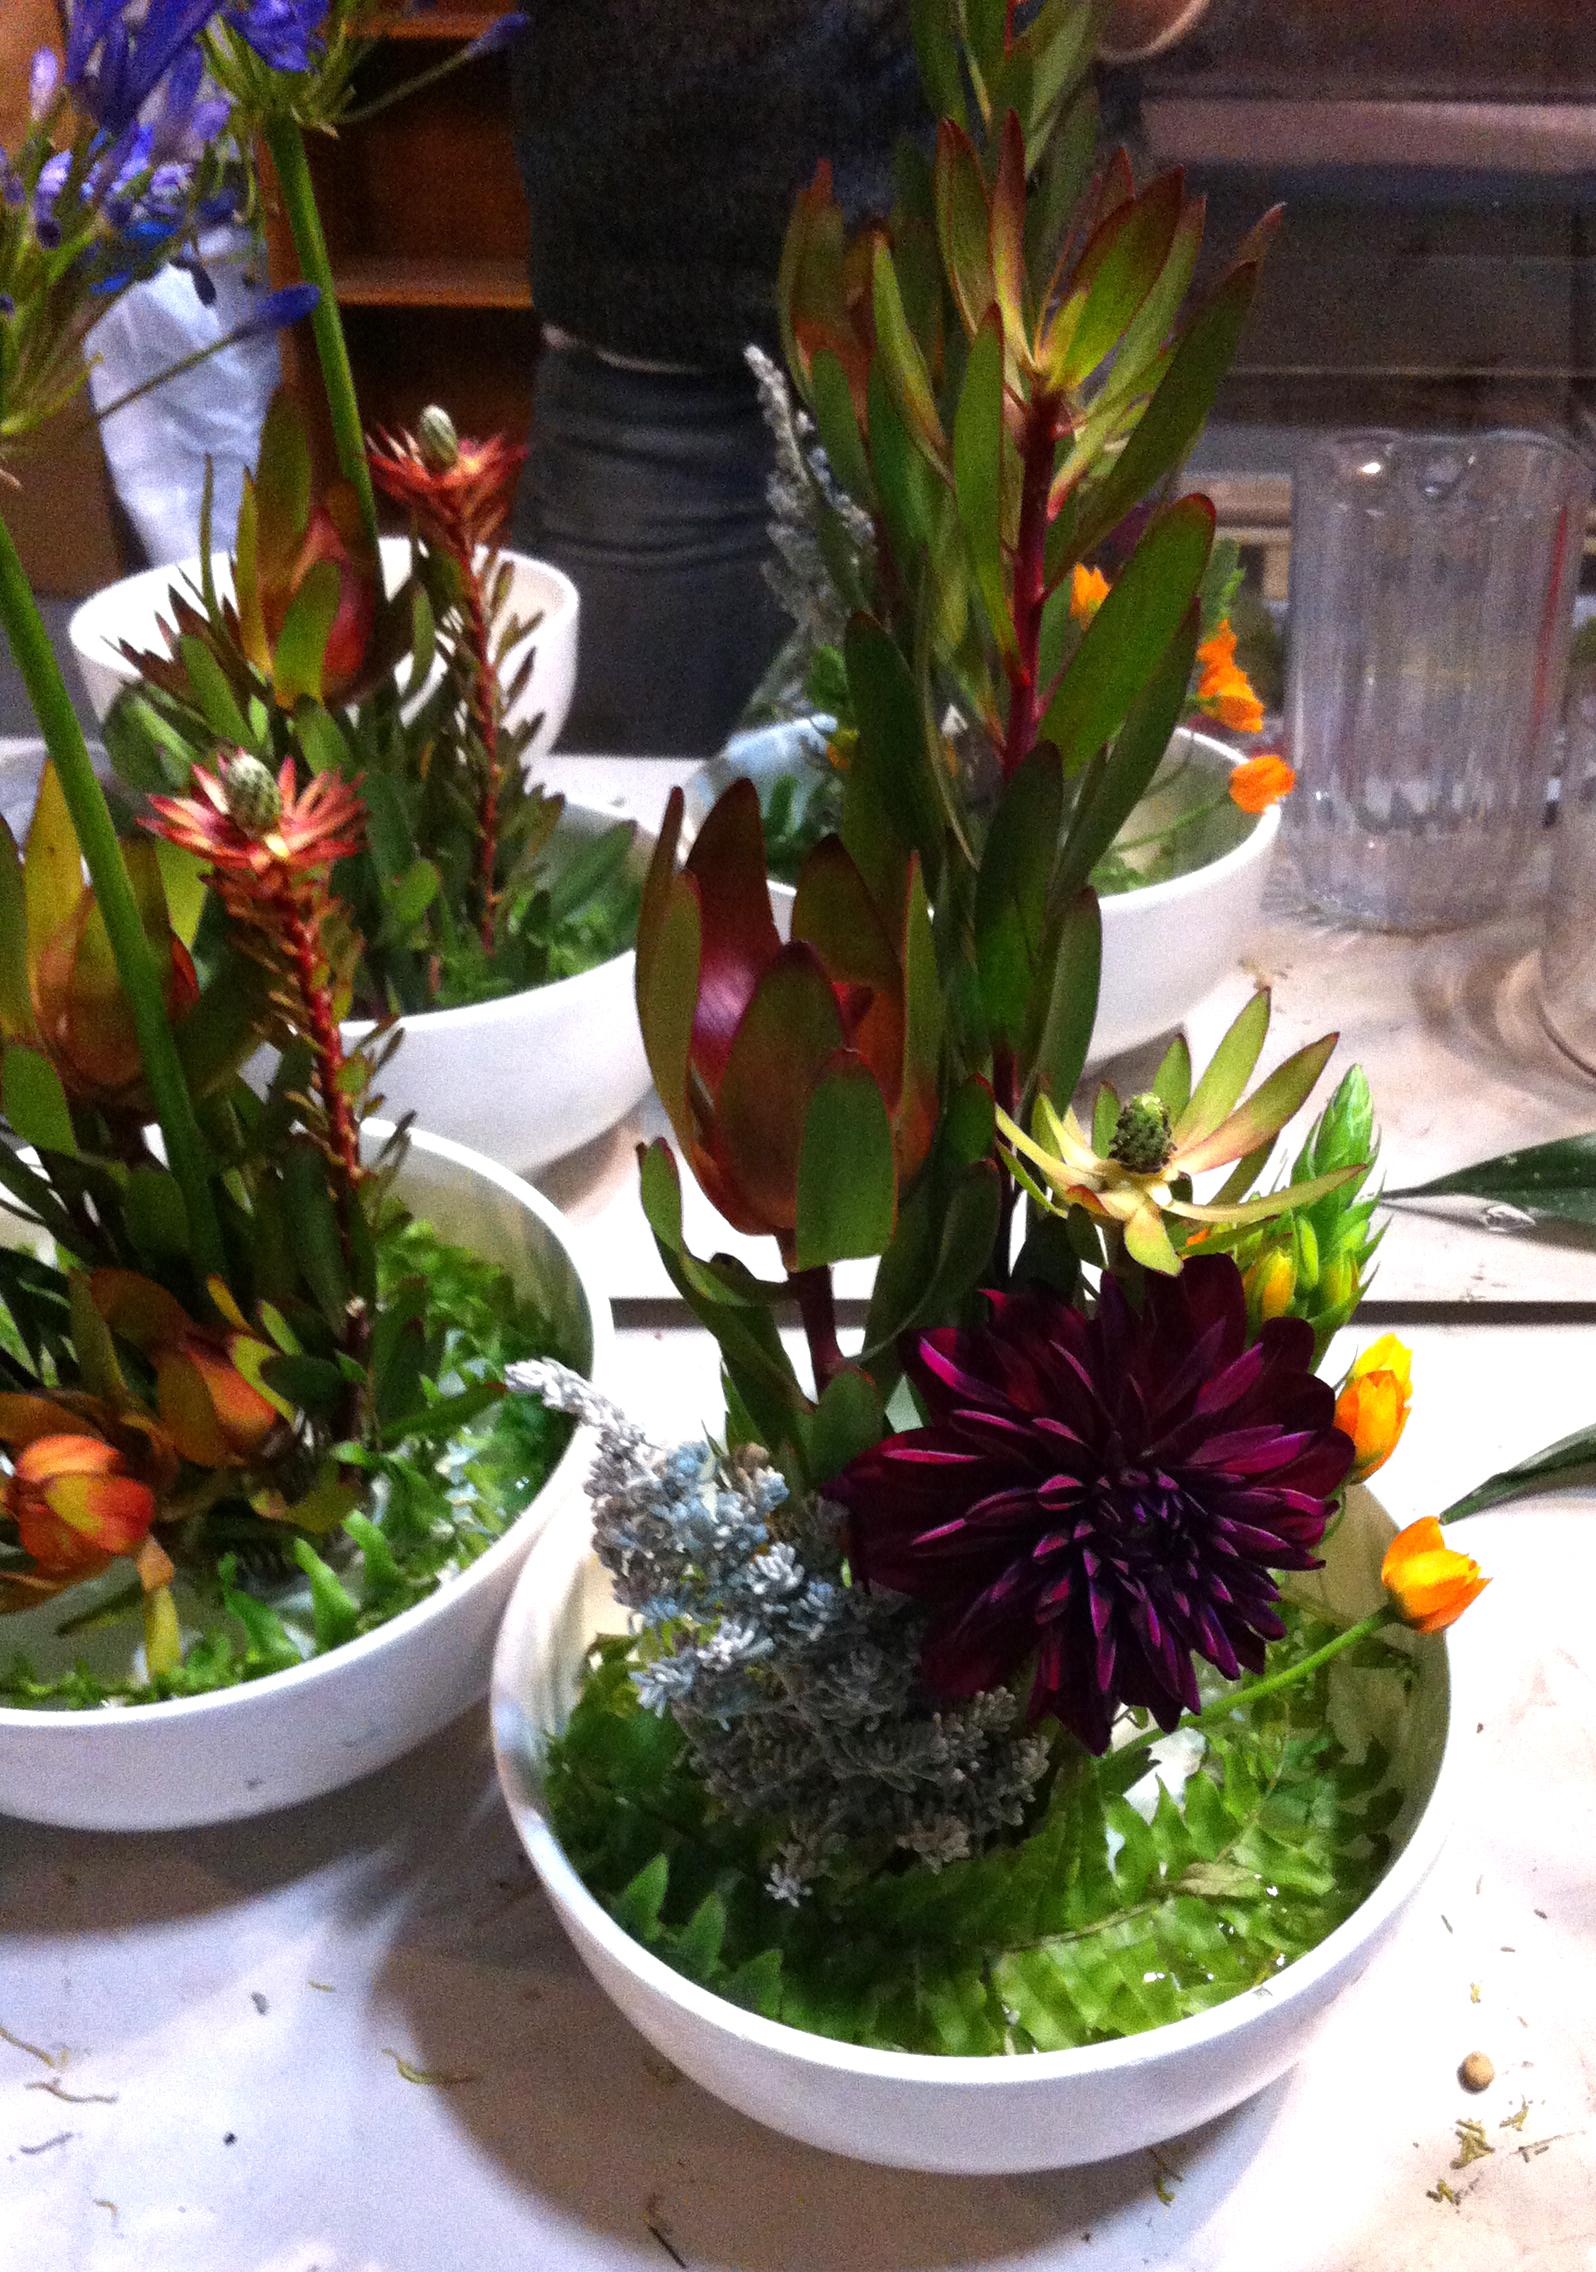 SSlunaflowers2.jpg